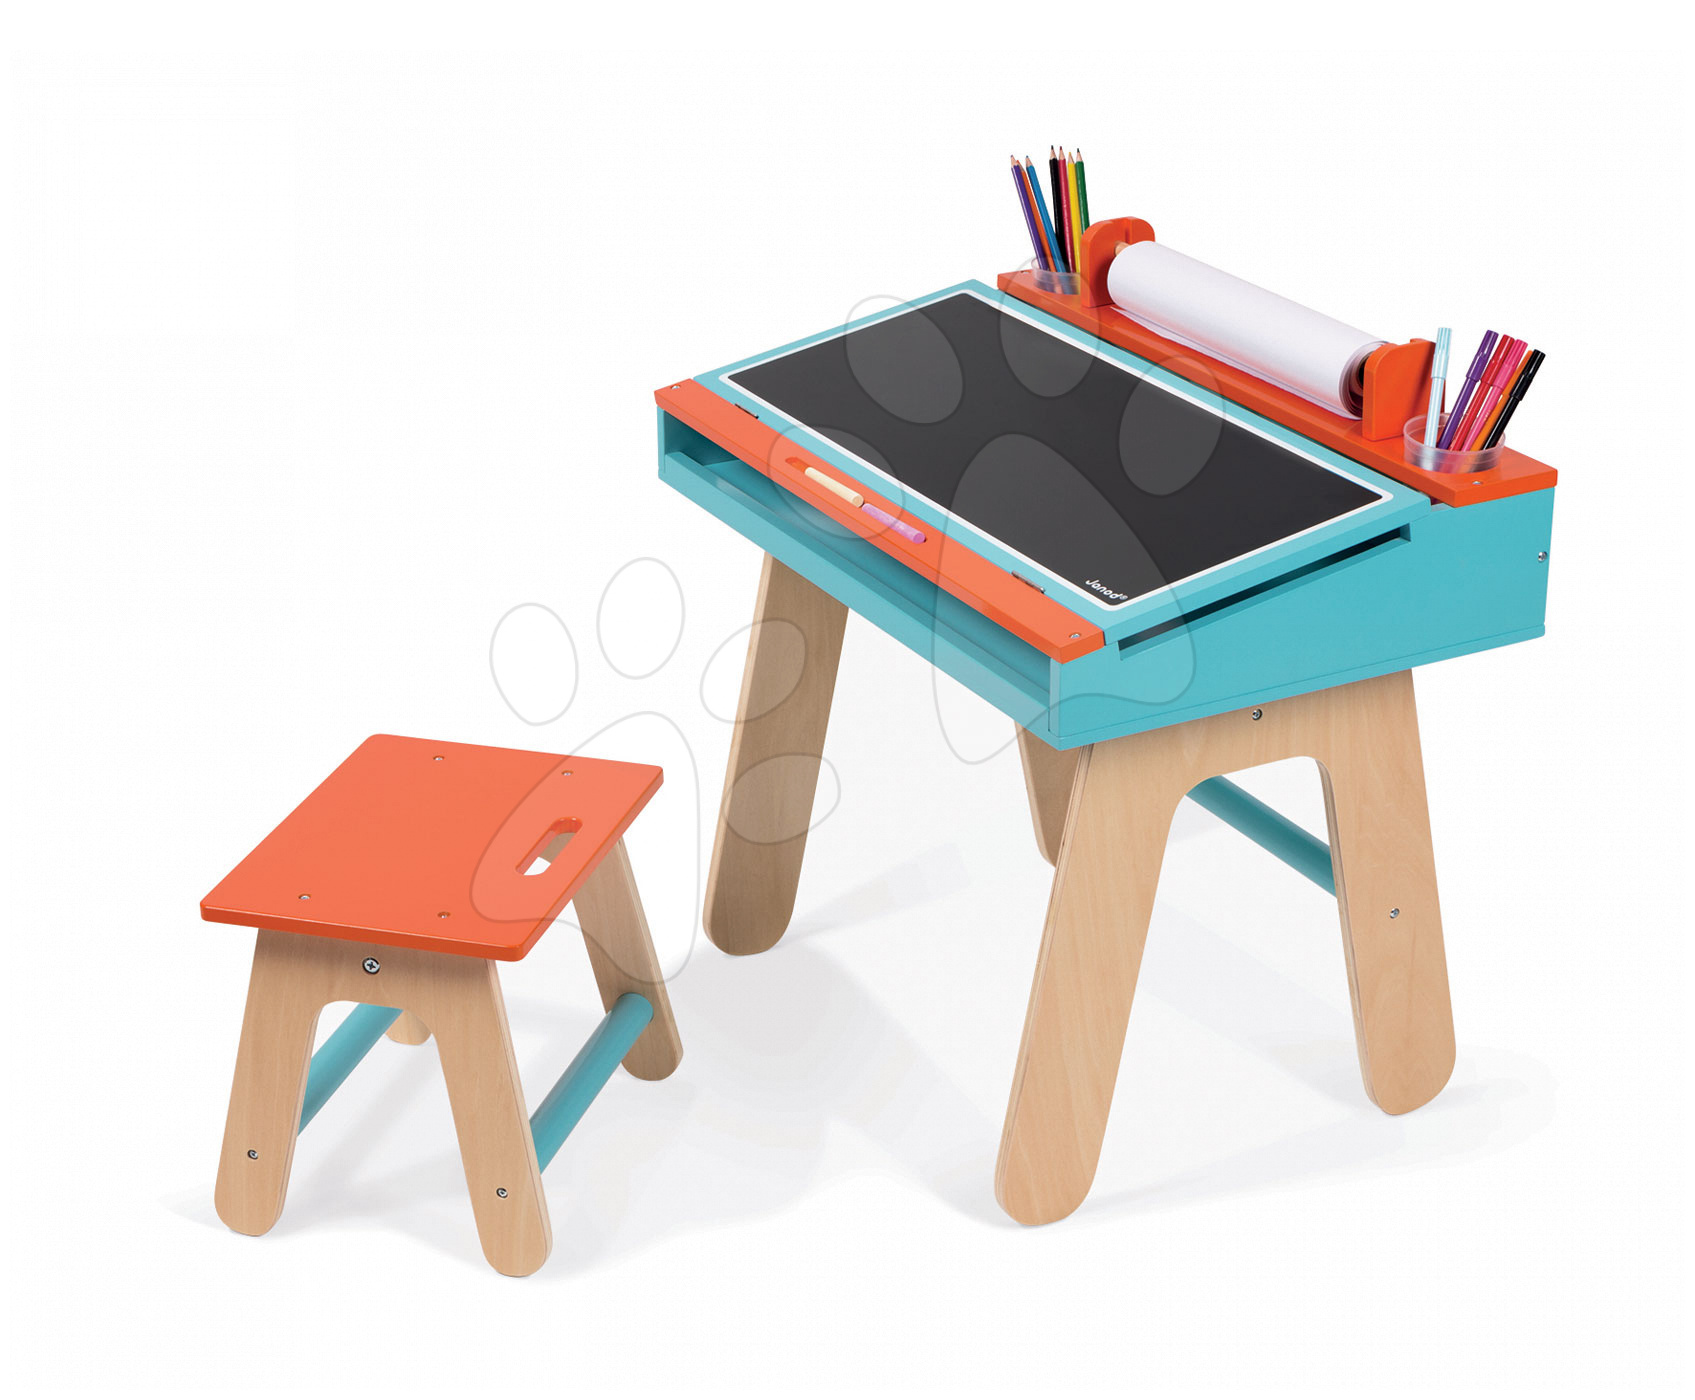 Školské lavice - Drevená školská lavica Orange&Blue Janod otvárateľná so stoličkou a 5 doplnkami oranžovo-modrá